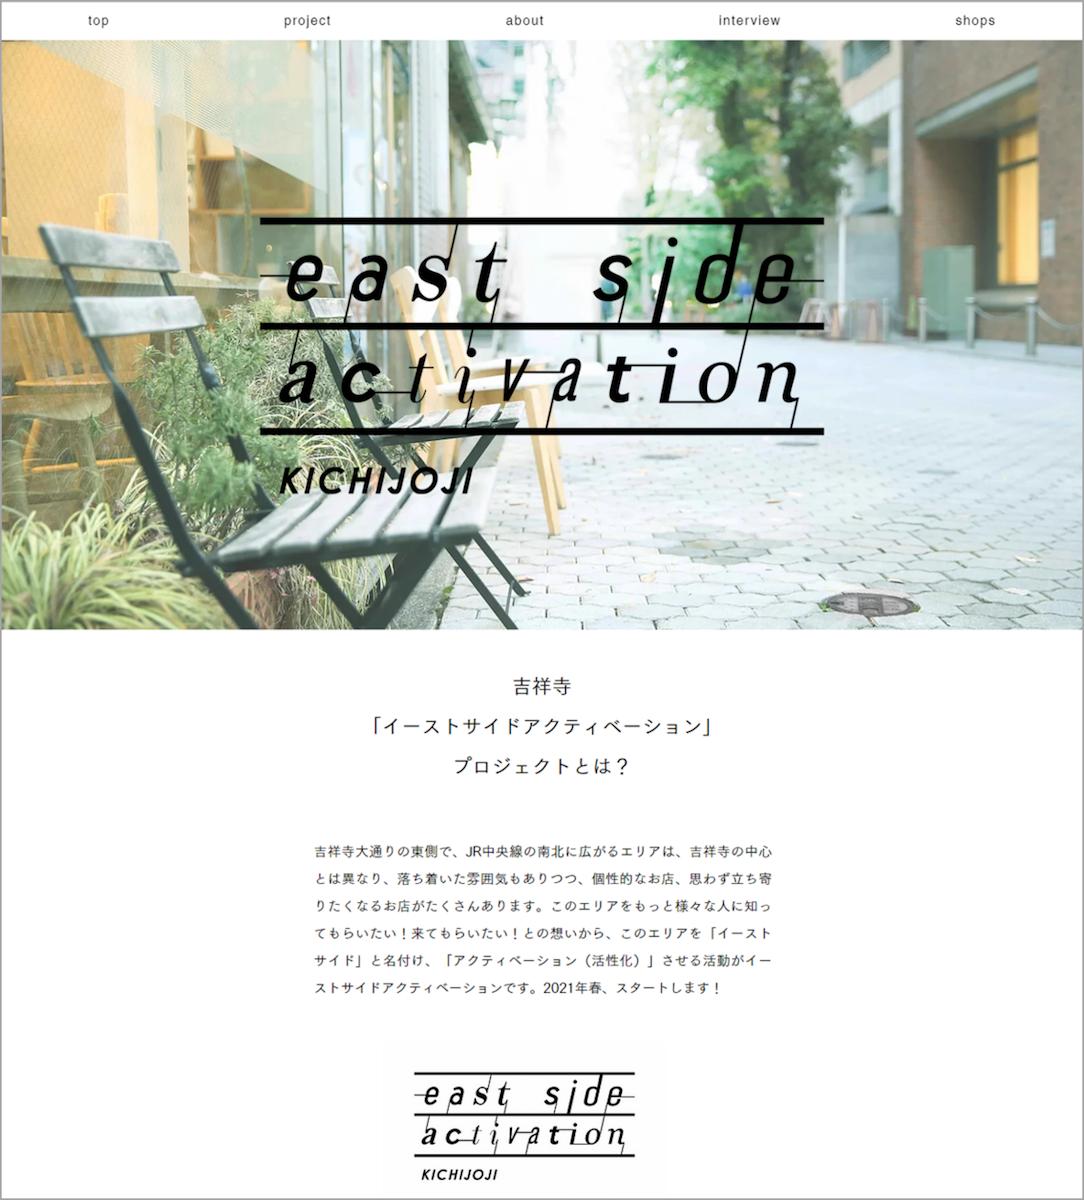 ウェブサイト「イーストサイドアクティベーション」トップ画面